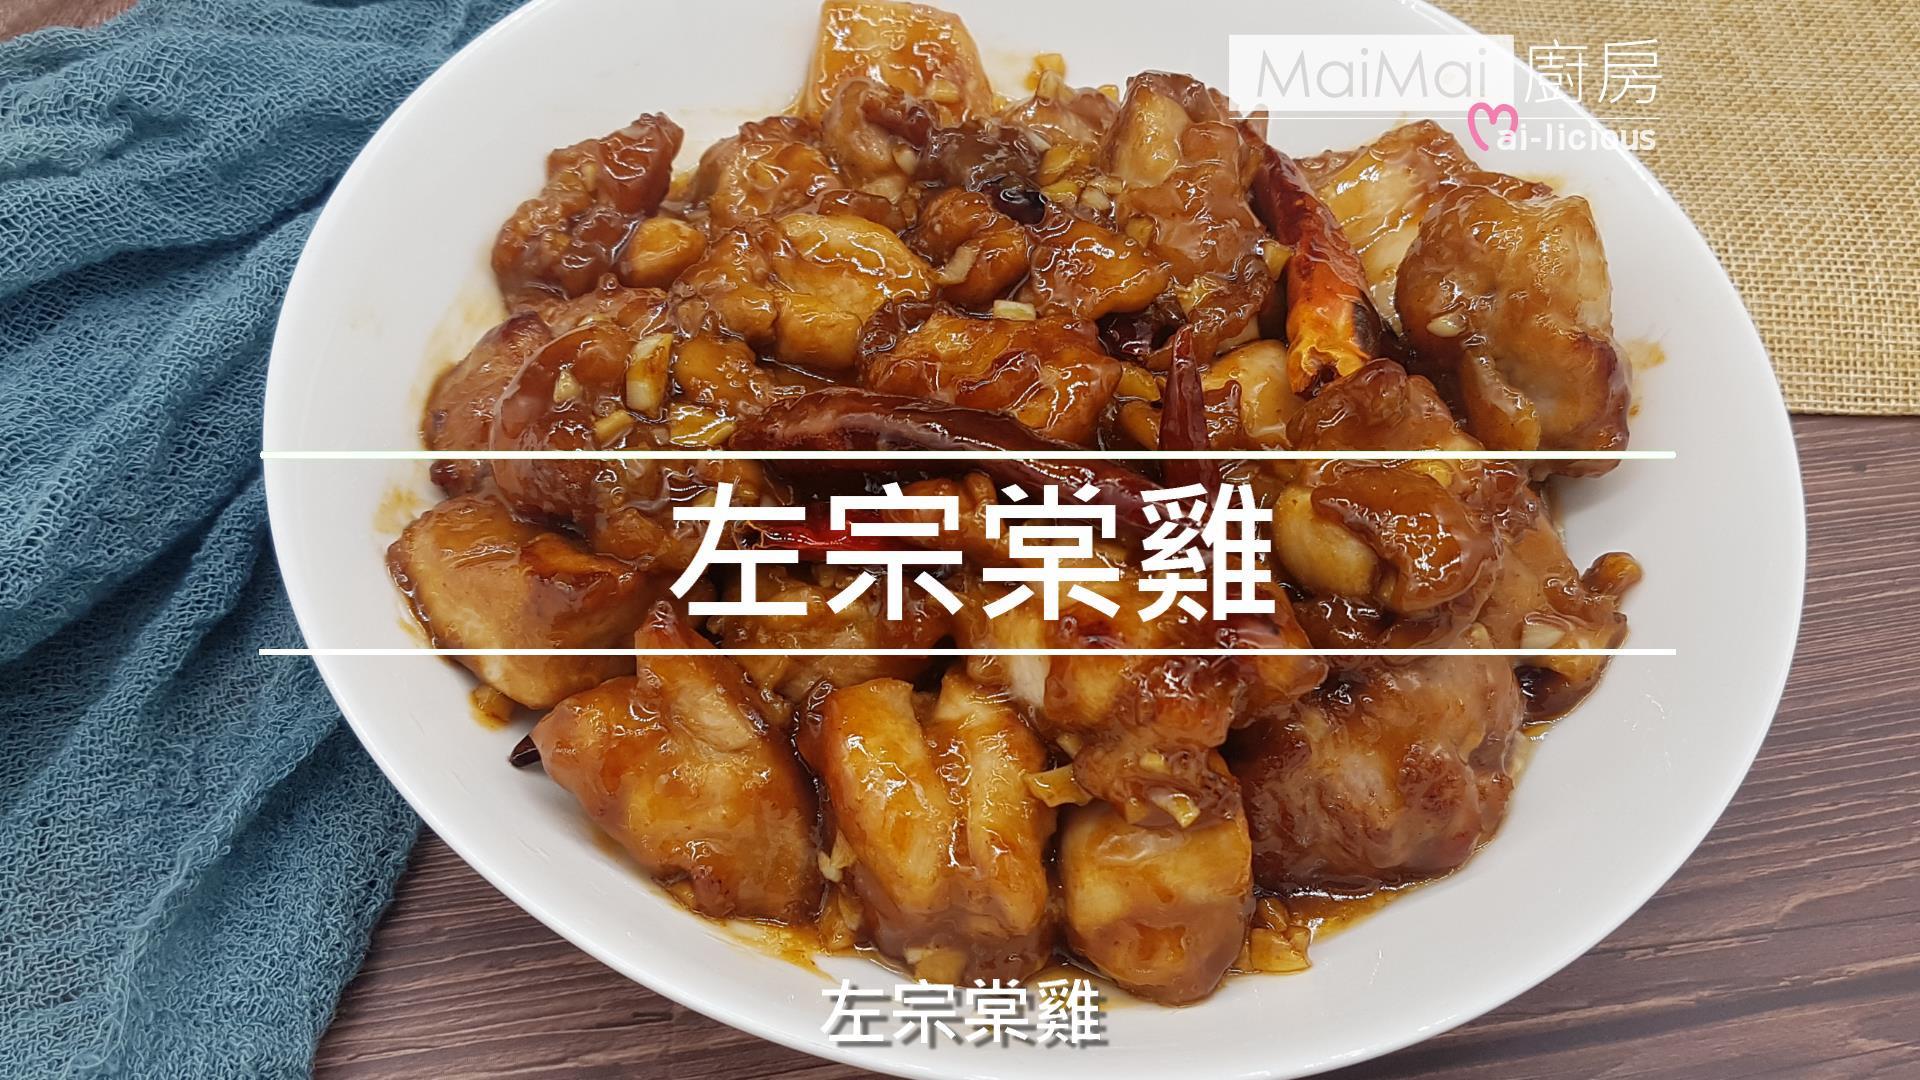 【MaiMai廚房】左宗棠雞